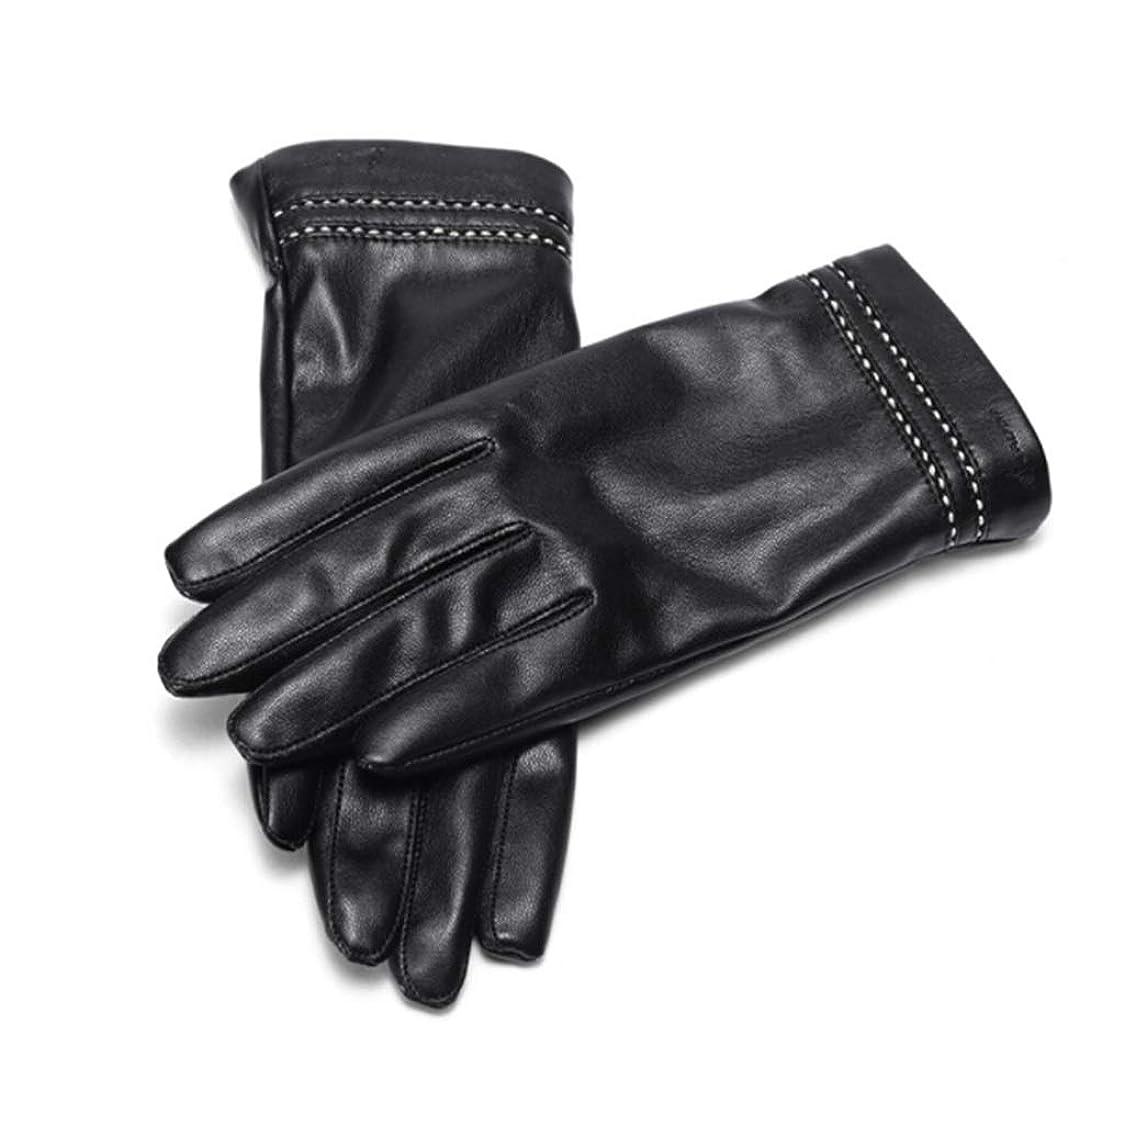 マインドブルーベル参照女性の革手袋秋と冬のファッションプラスベルベット暖かい滑り止めのタッチスクリーン革手袋の女性671141003黒